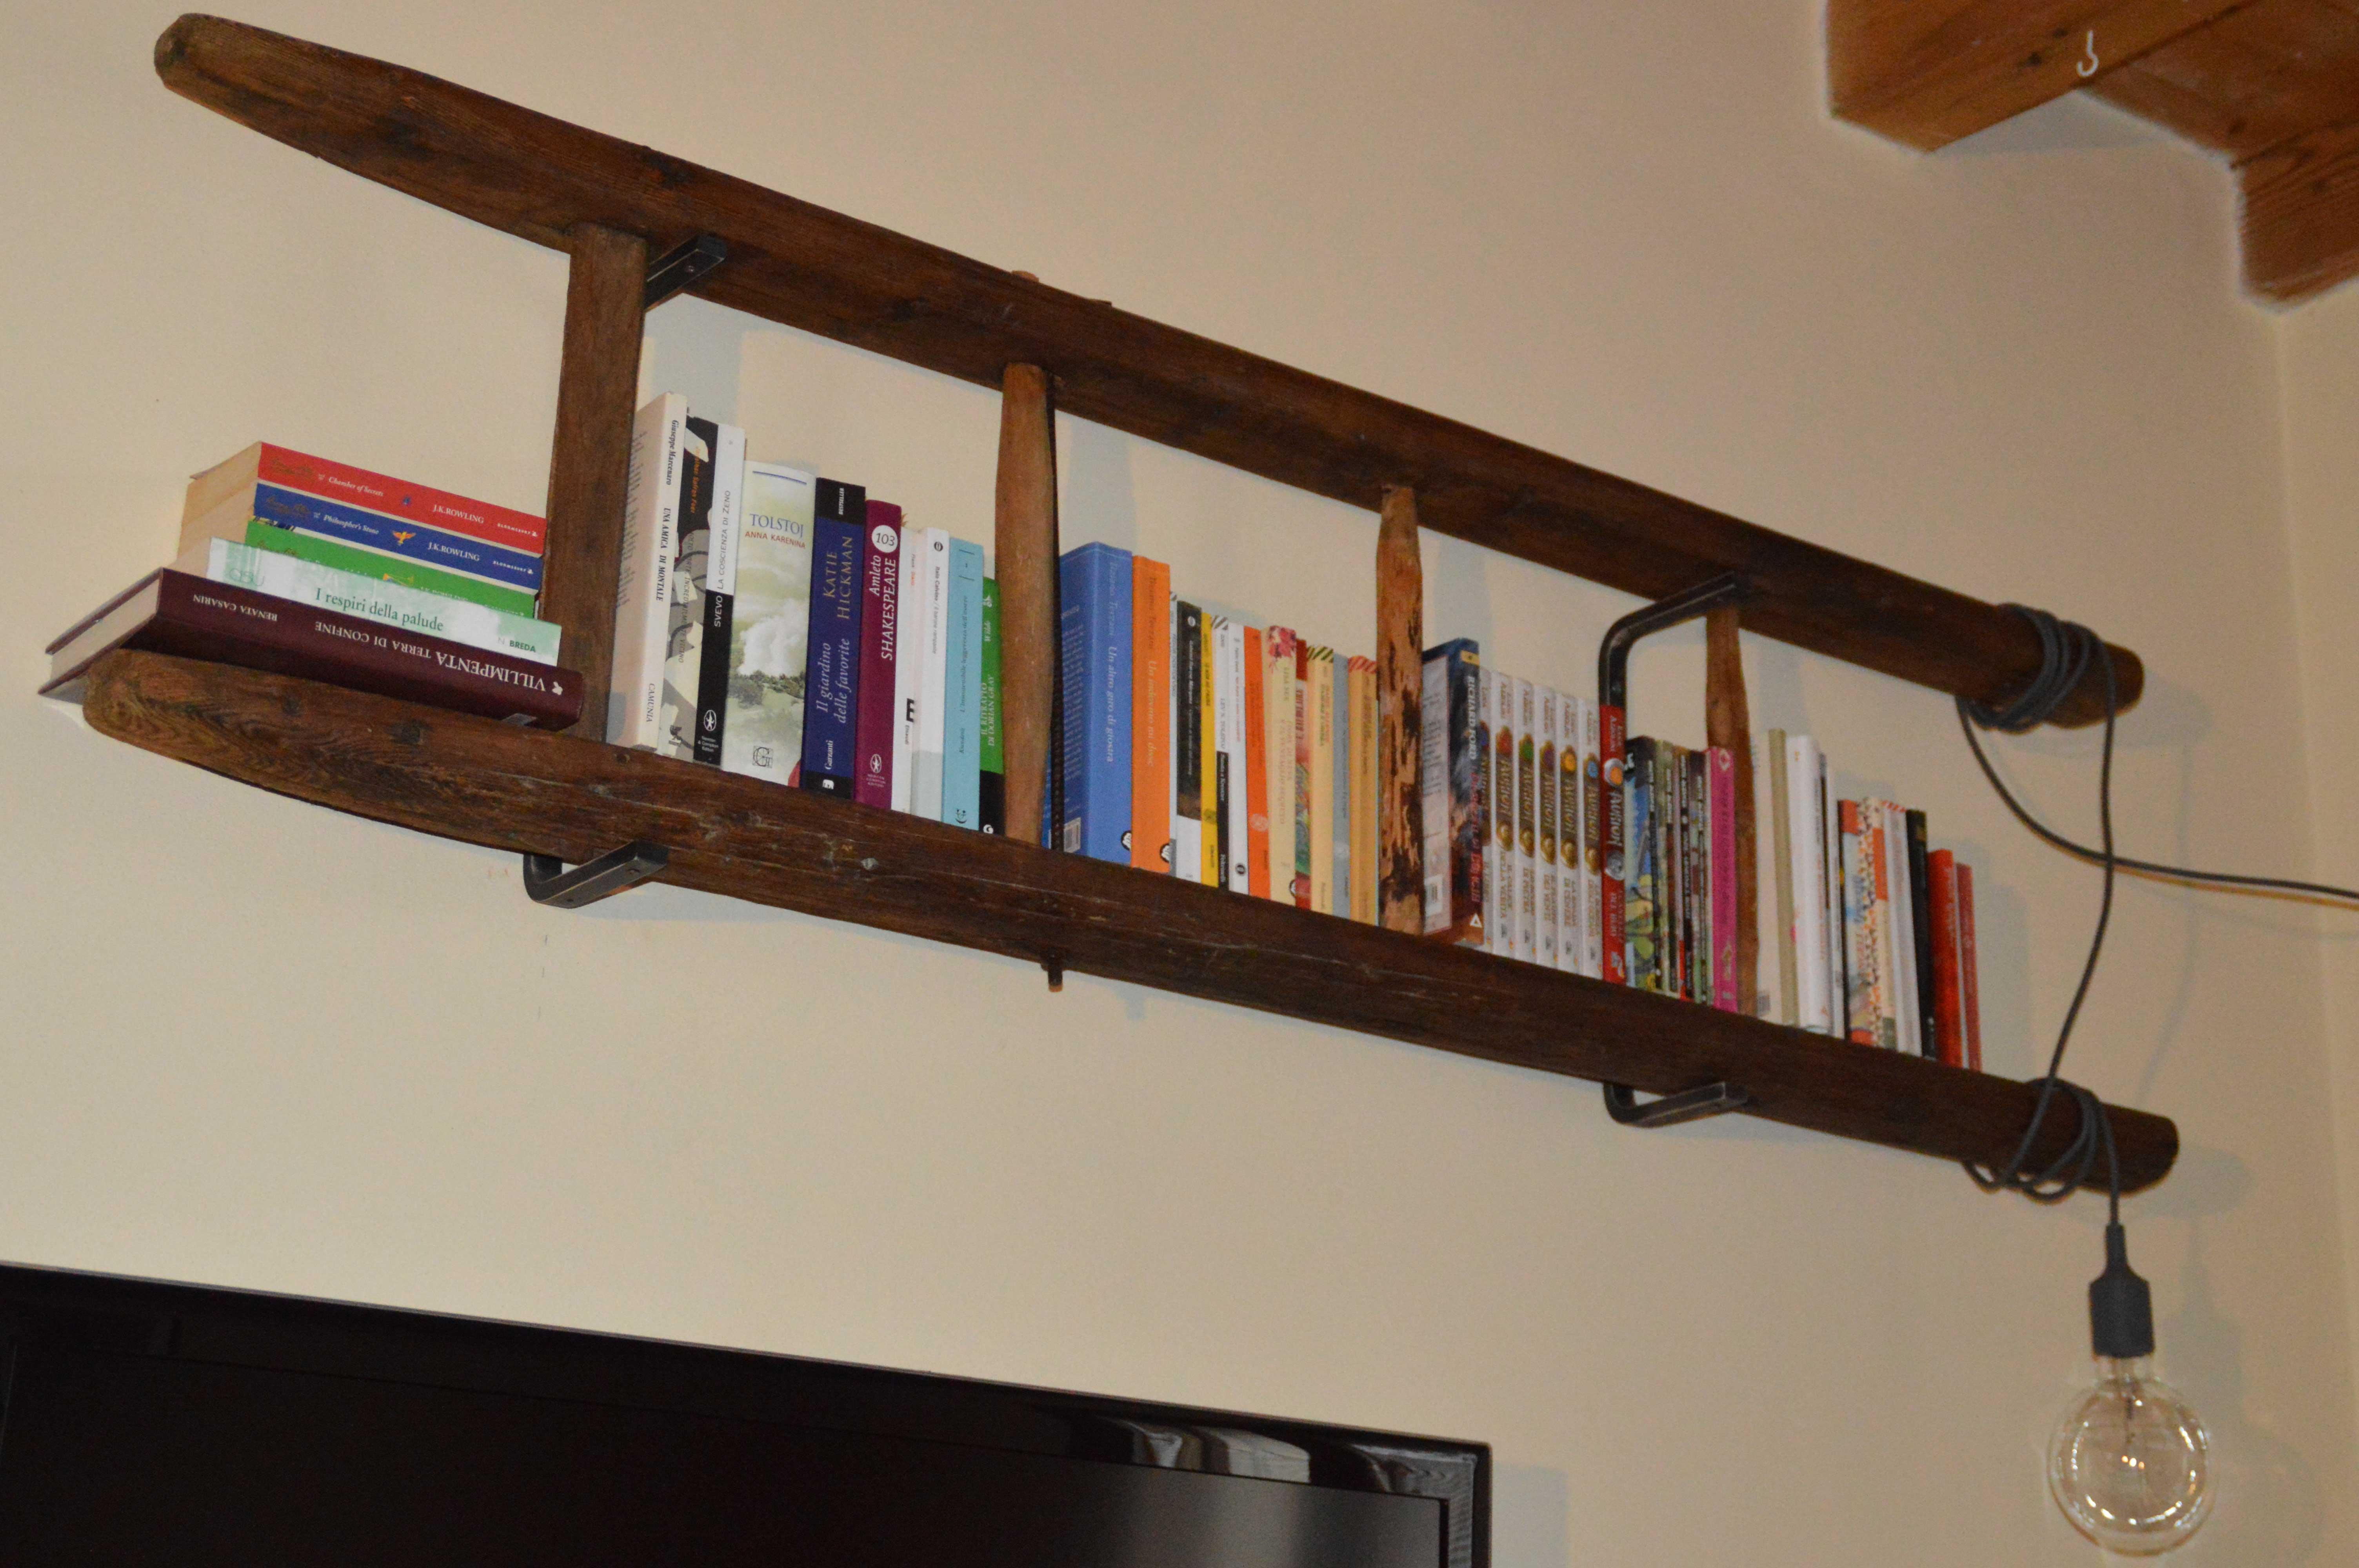 Librerie Con Scala Scorrevole In Legno.Libreria Con Vecchia Scala A Pioli L Arte Del Recupero